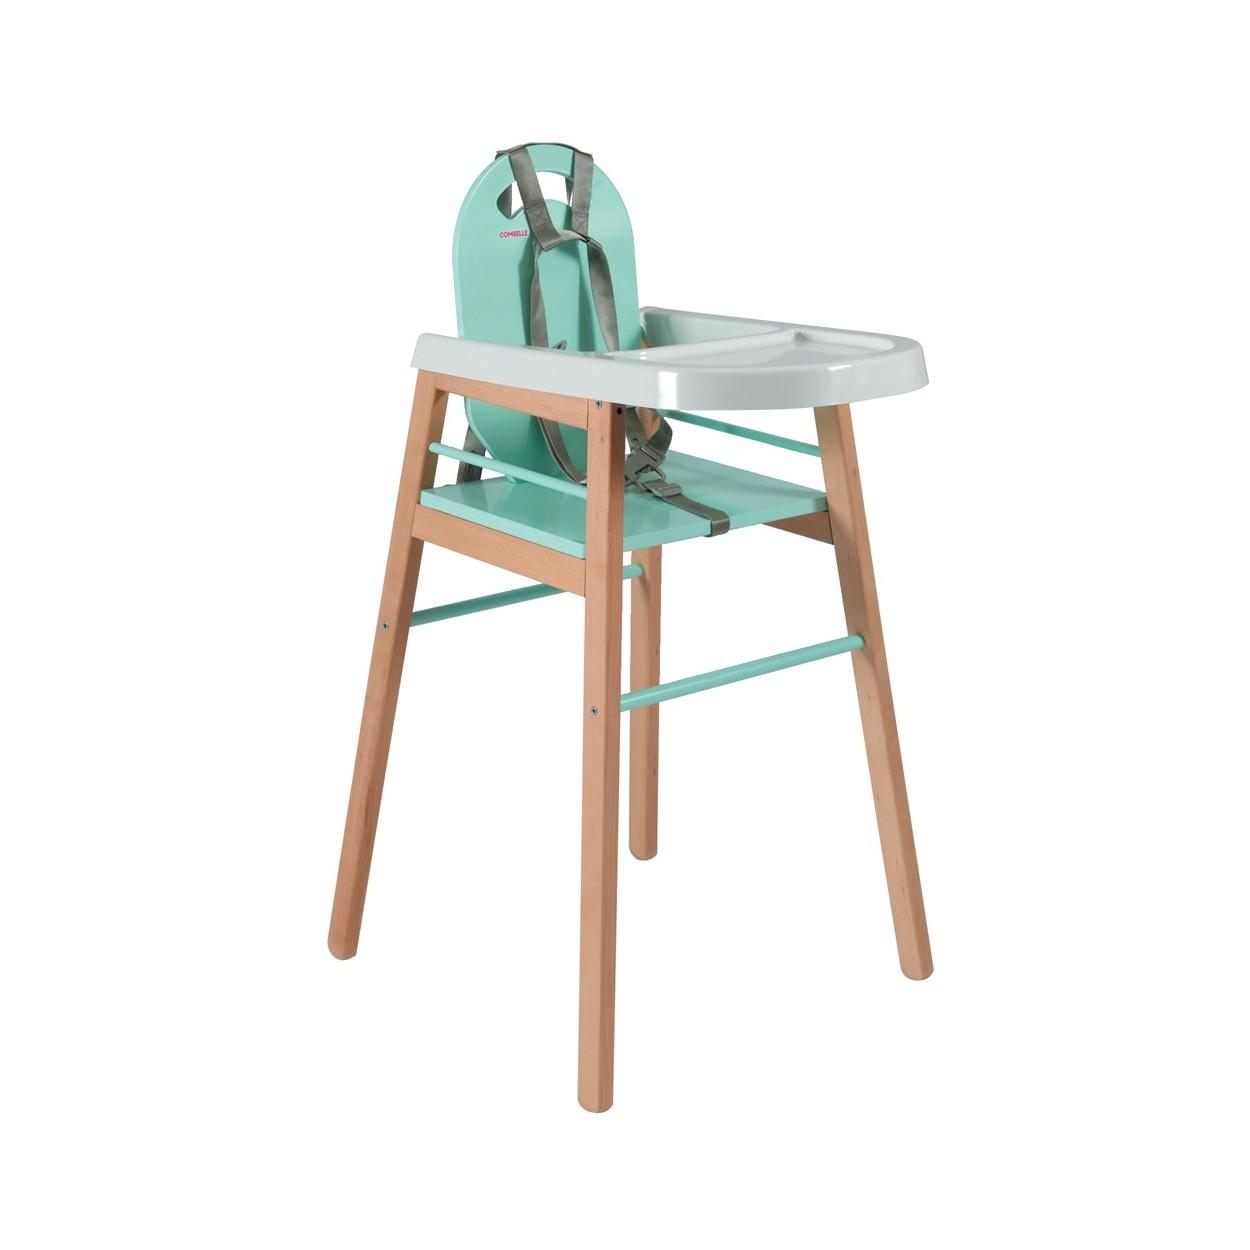 Chaise haute bébé  bicolore vert menthe - 52x96 cm